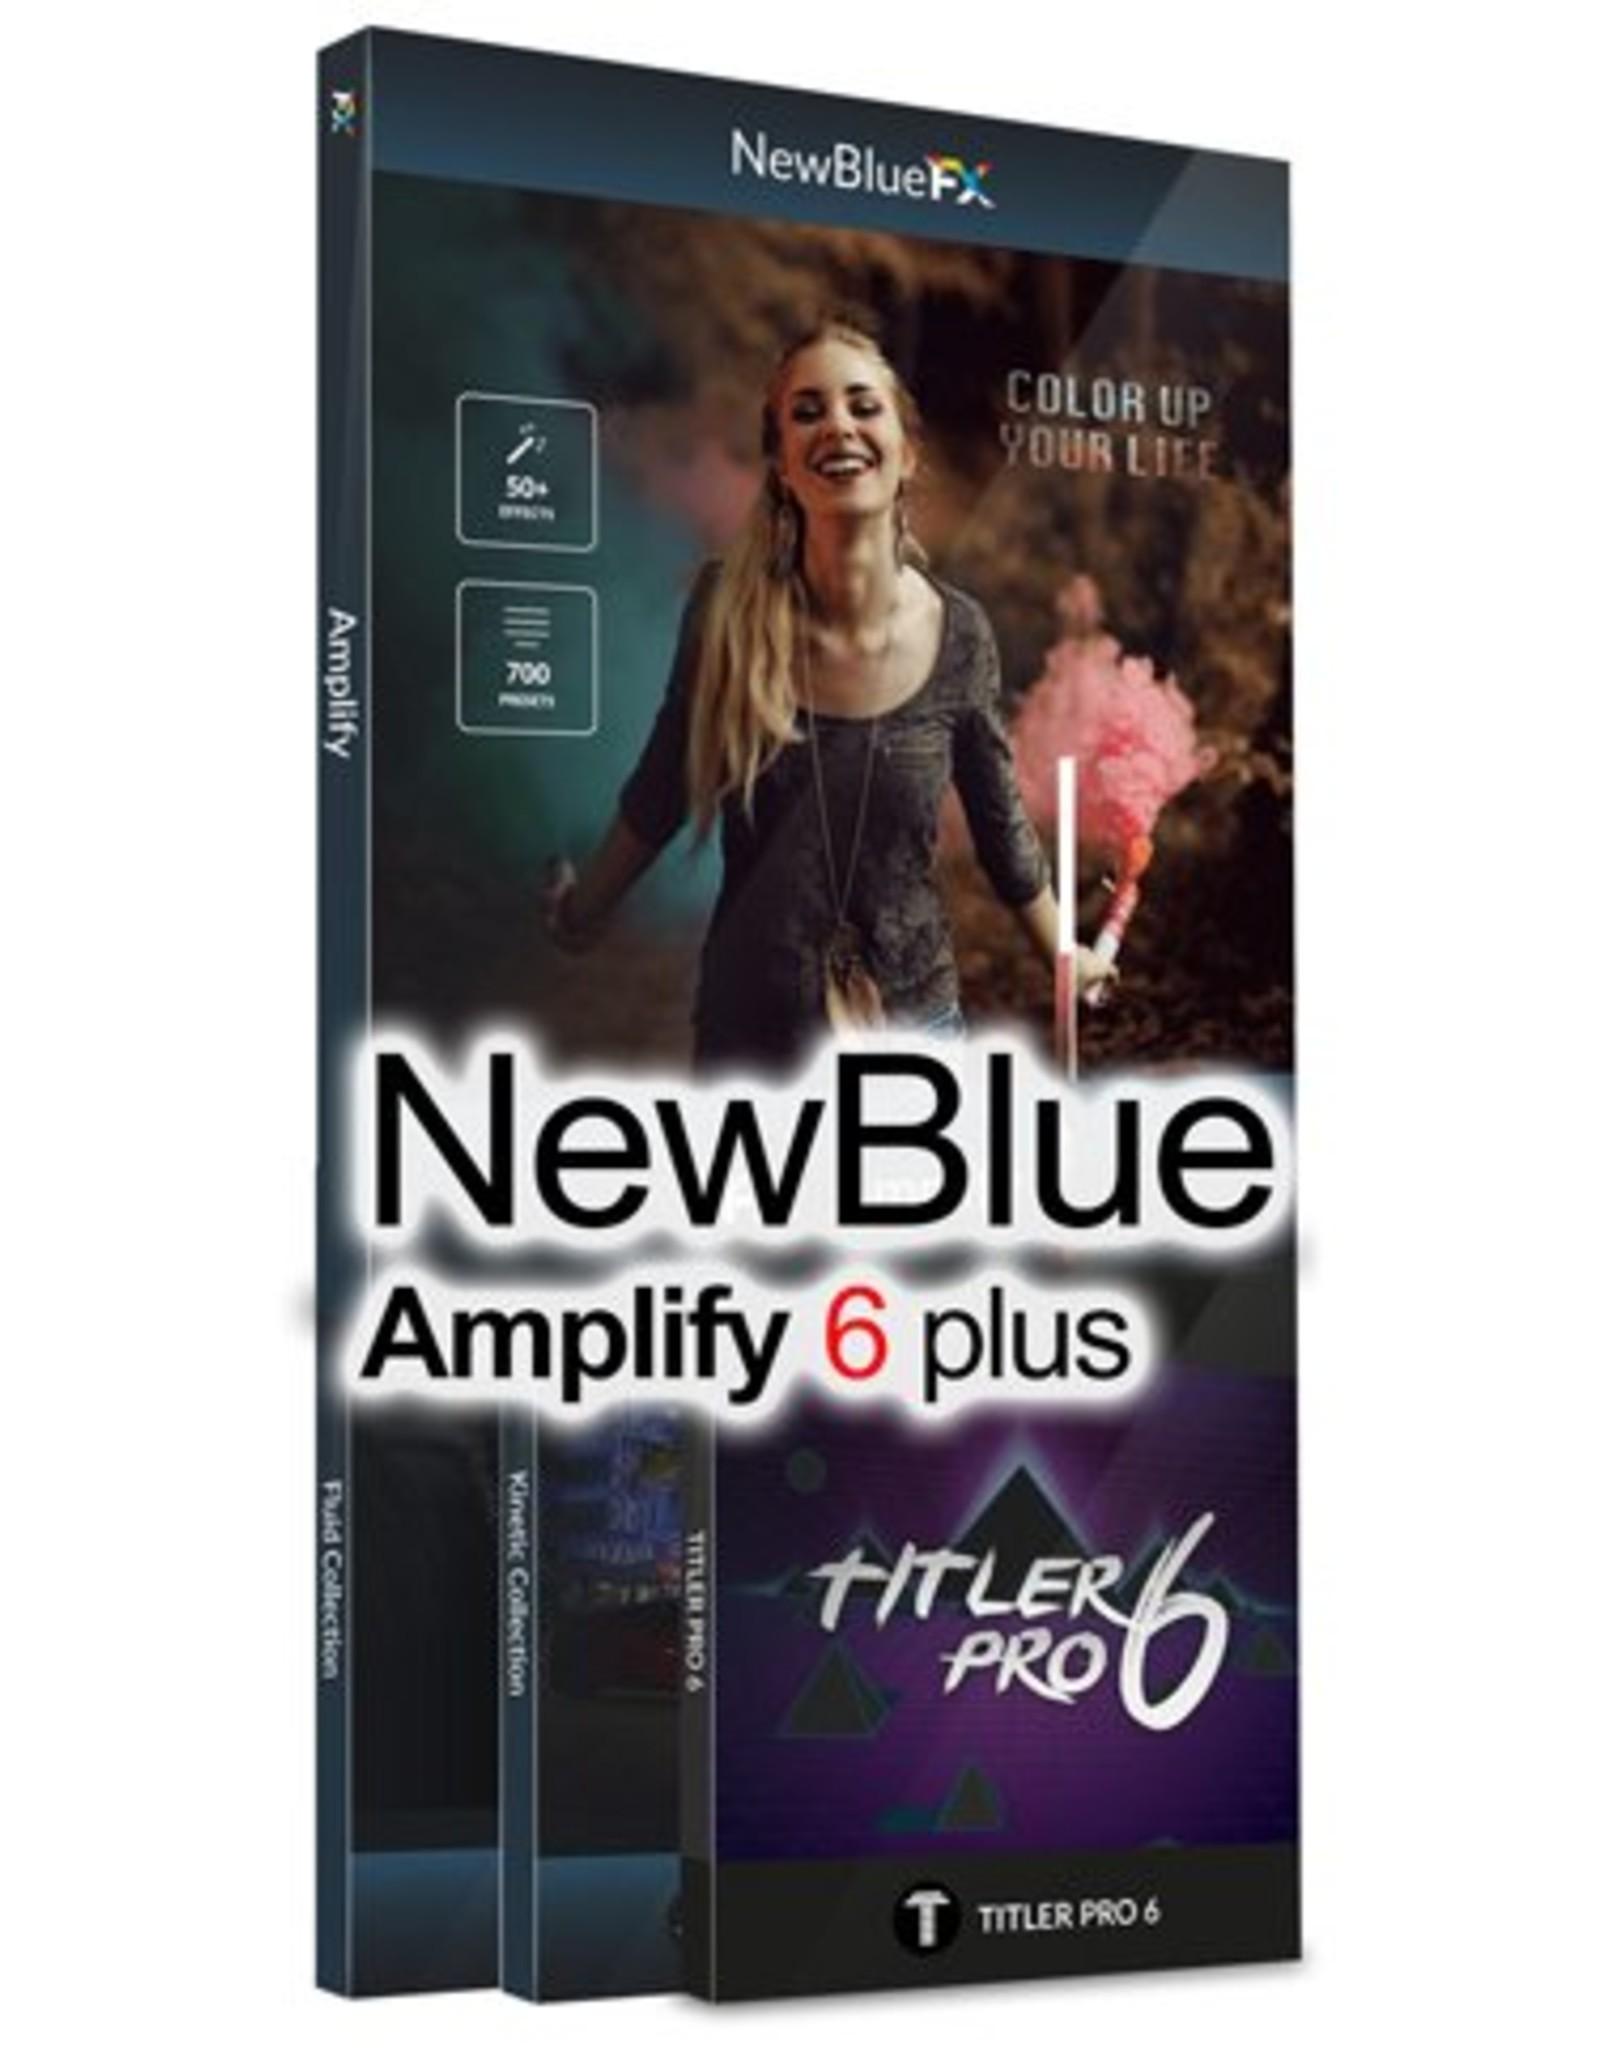 NewBlueFX Amplify 6 plus for EDIUS 9